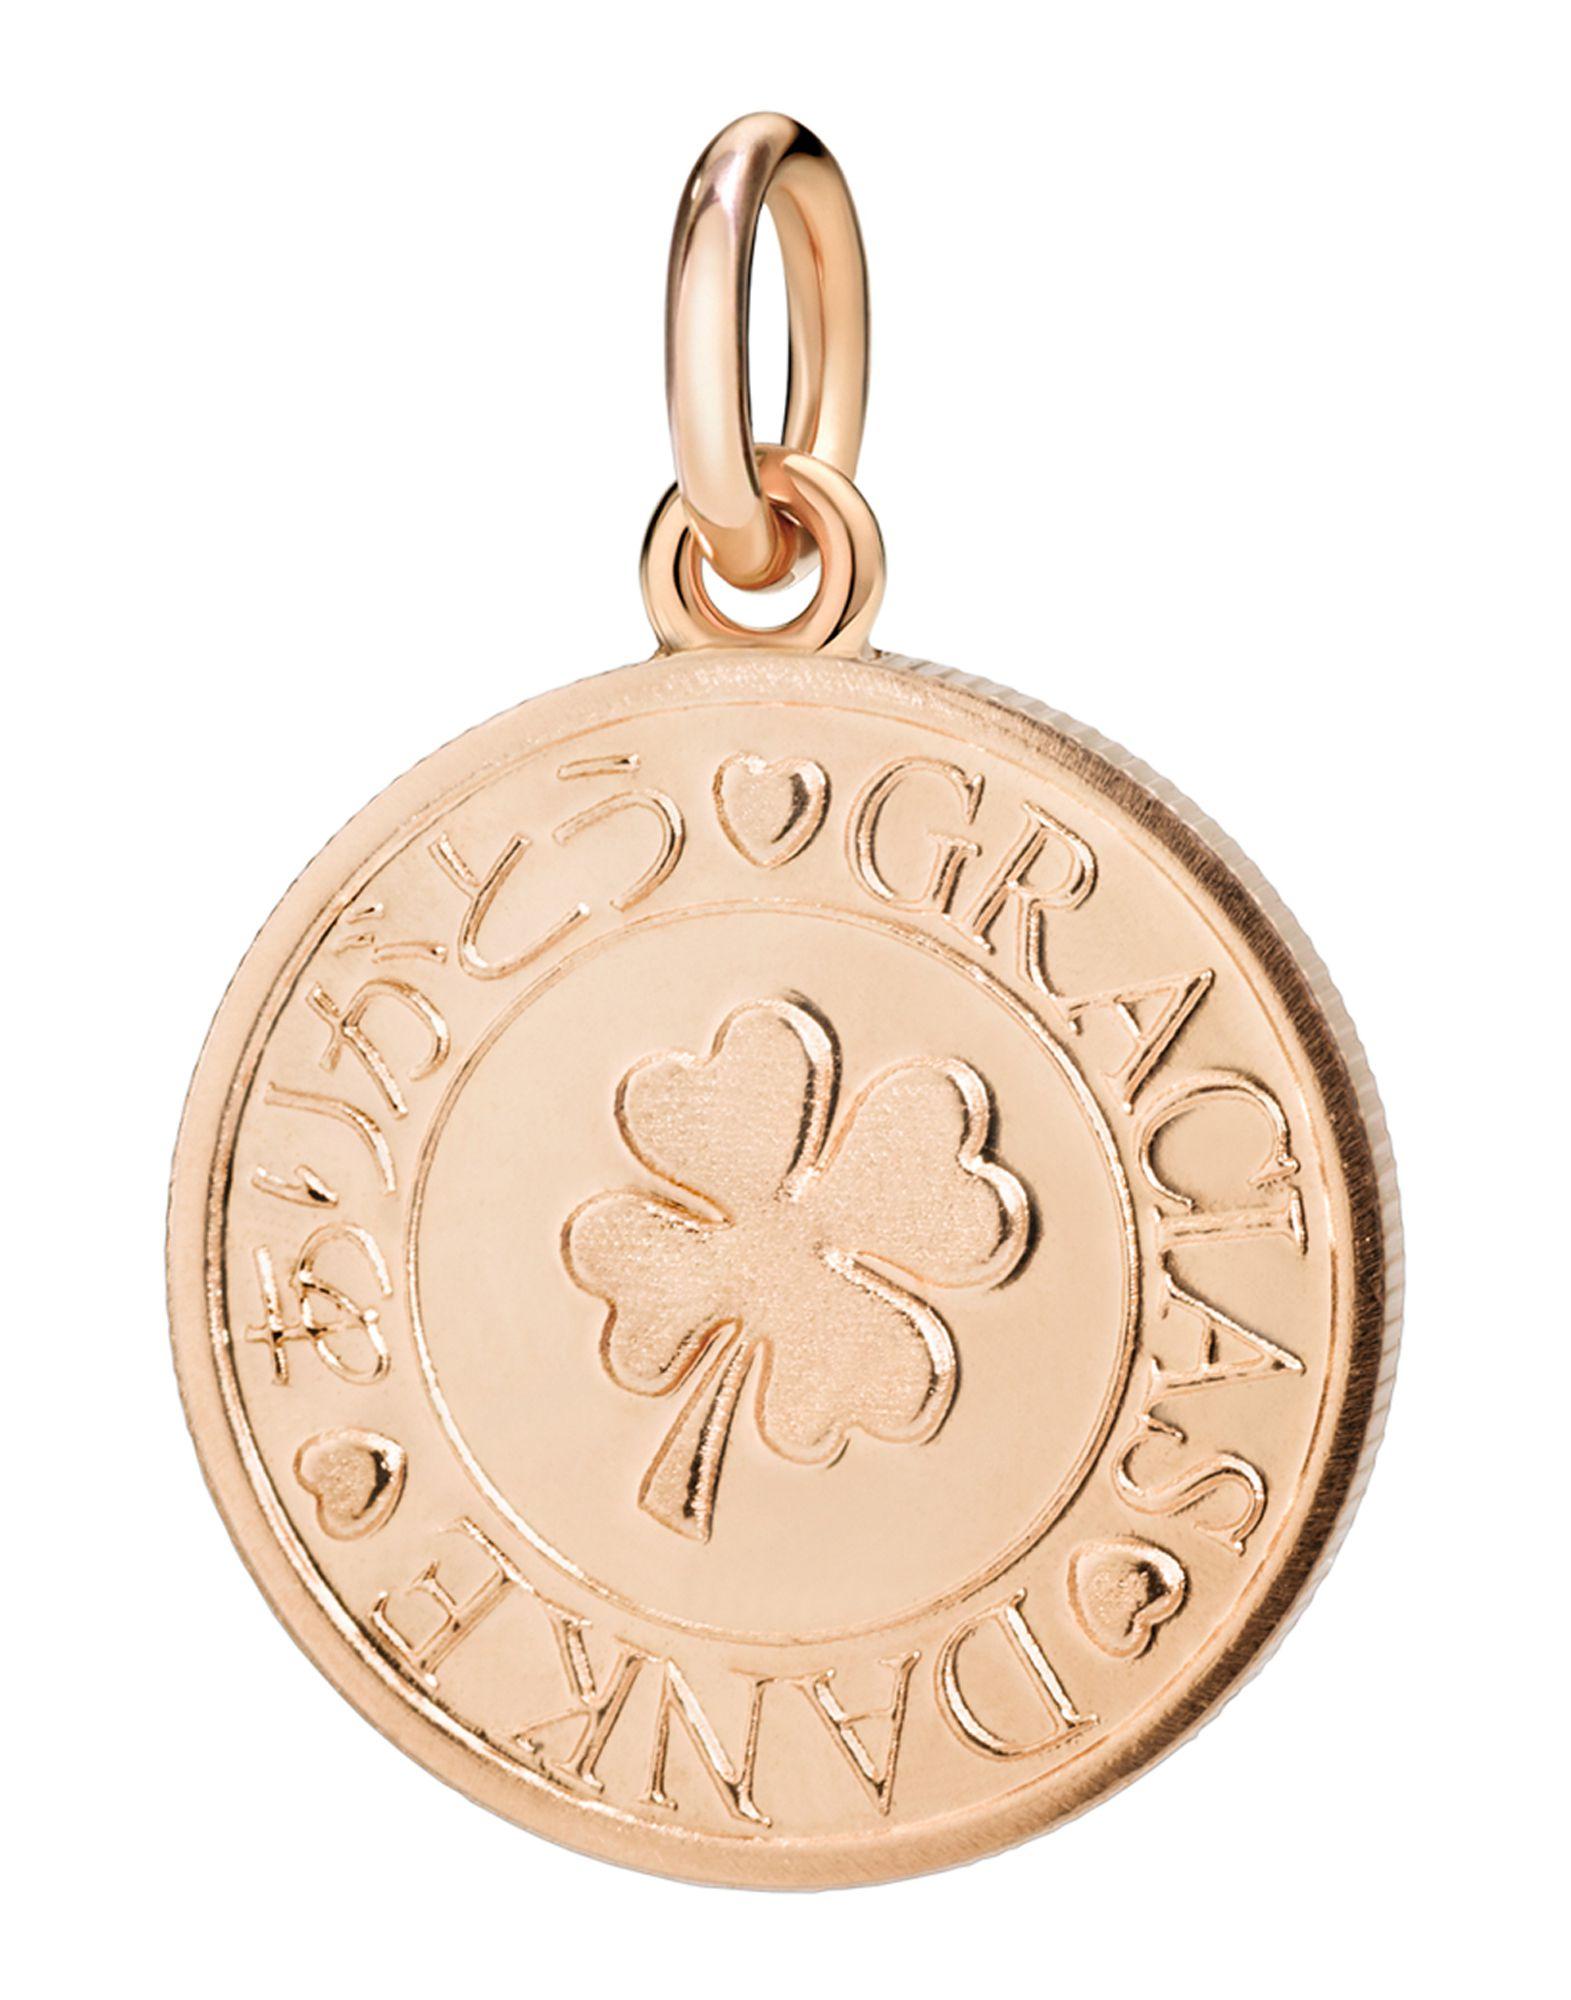 Ciondolo Dodo Coin - Donna - Acquista online su